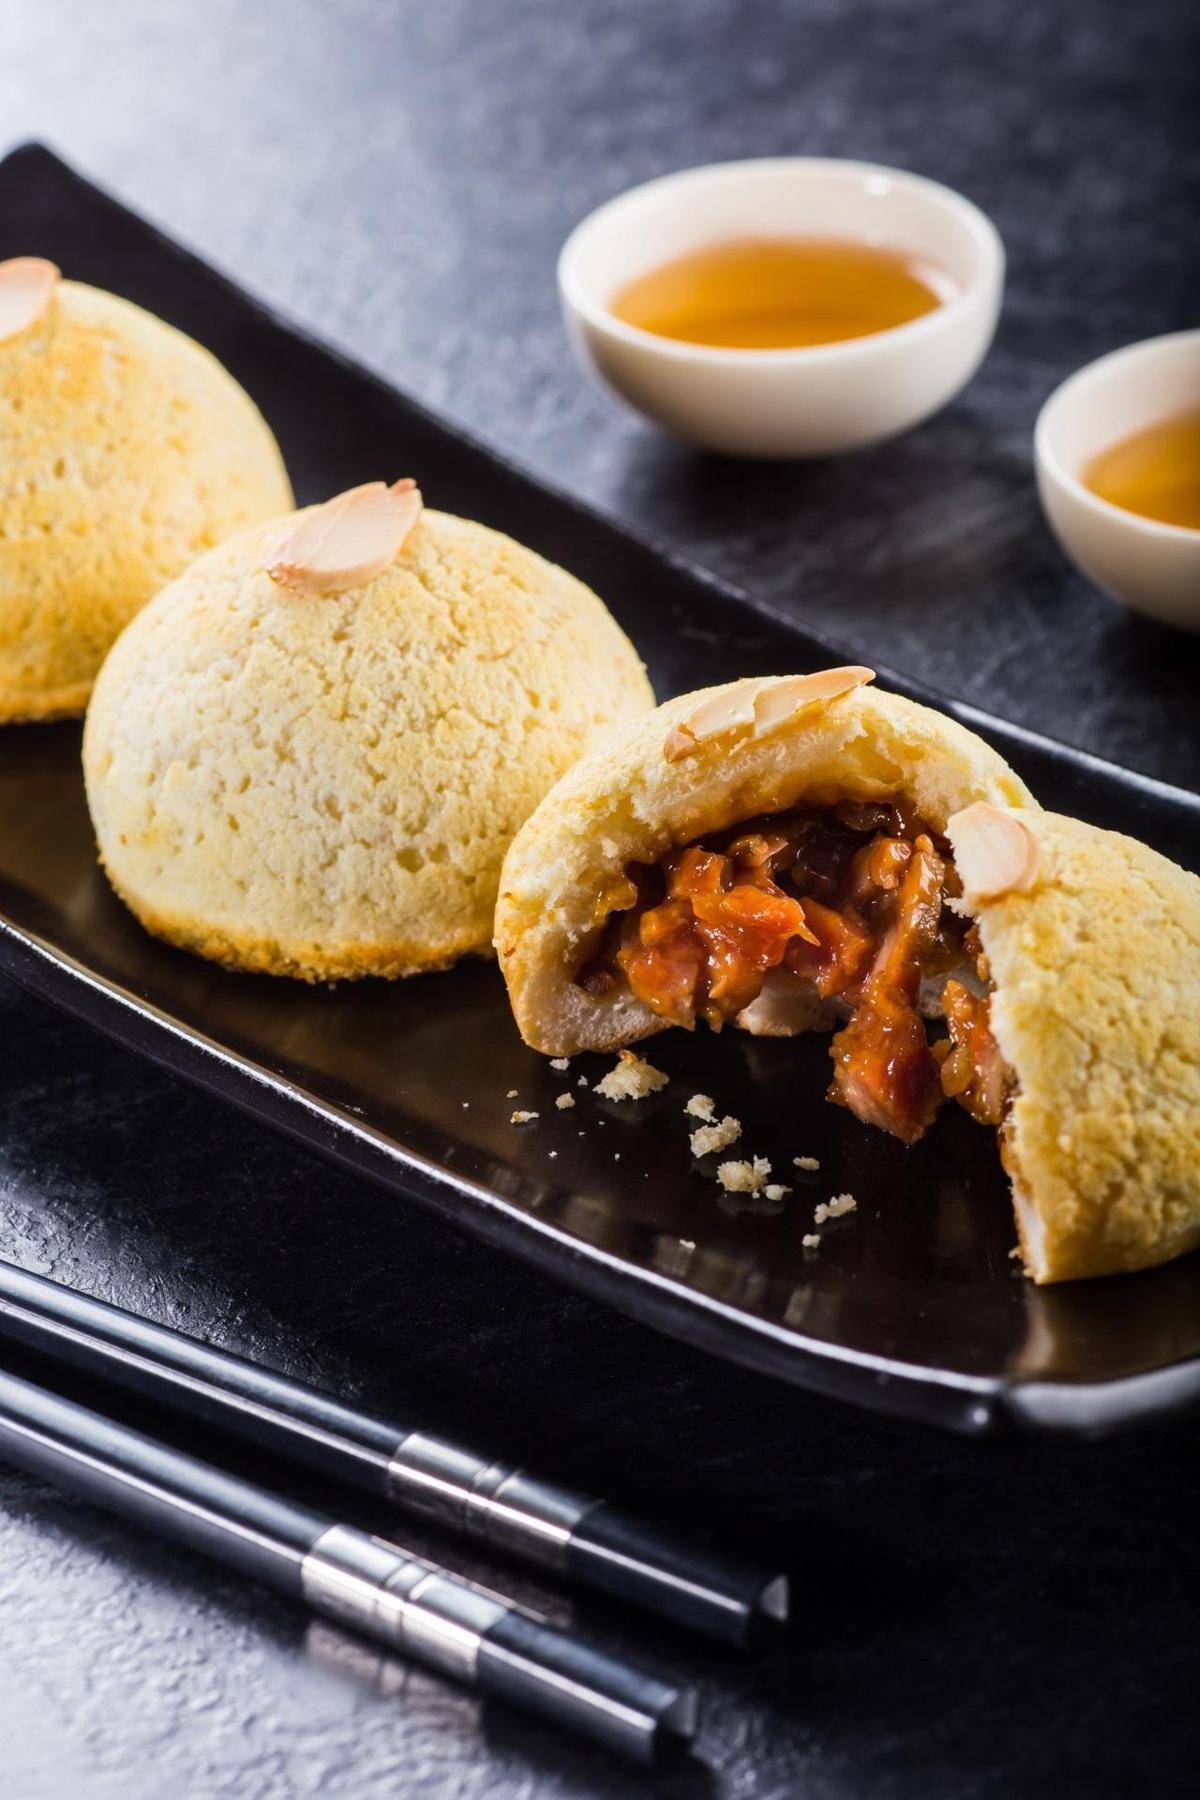 「杏片雪山叉燒包」現烤出爐,甜香迷人。(240元/3顆)(台北晶華酒店提供)